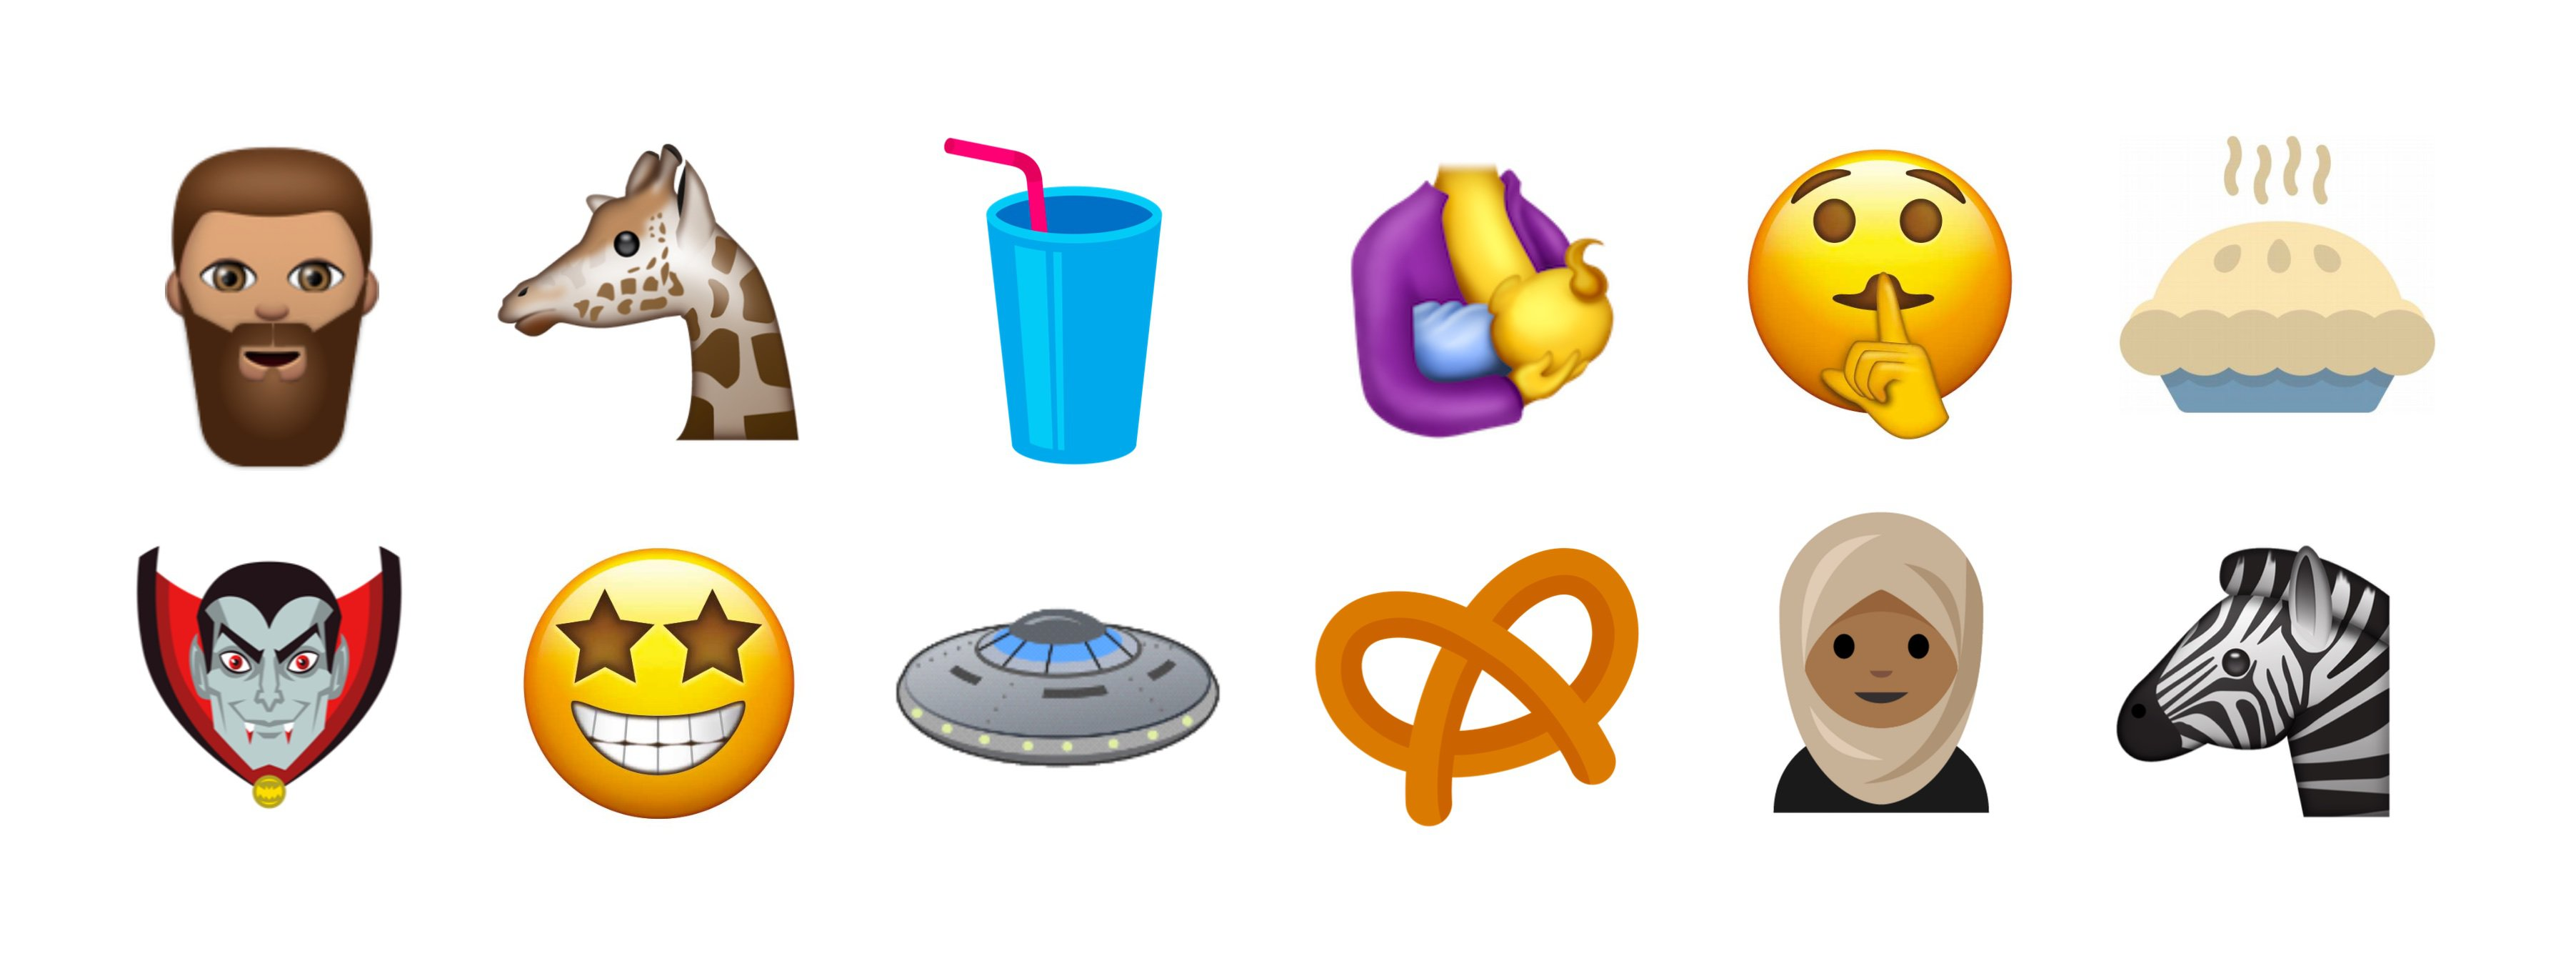 Emojis 2017